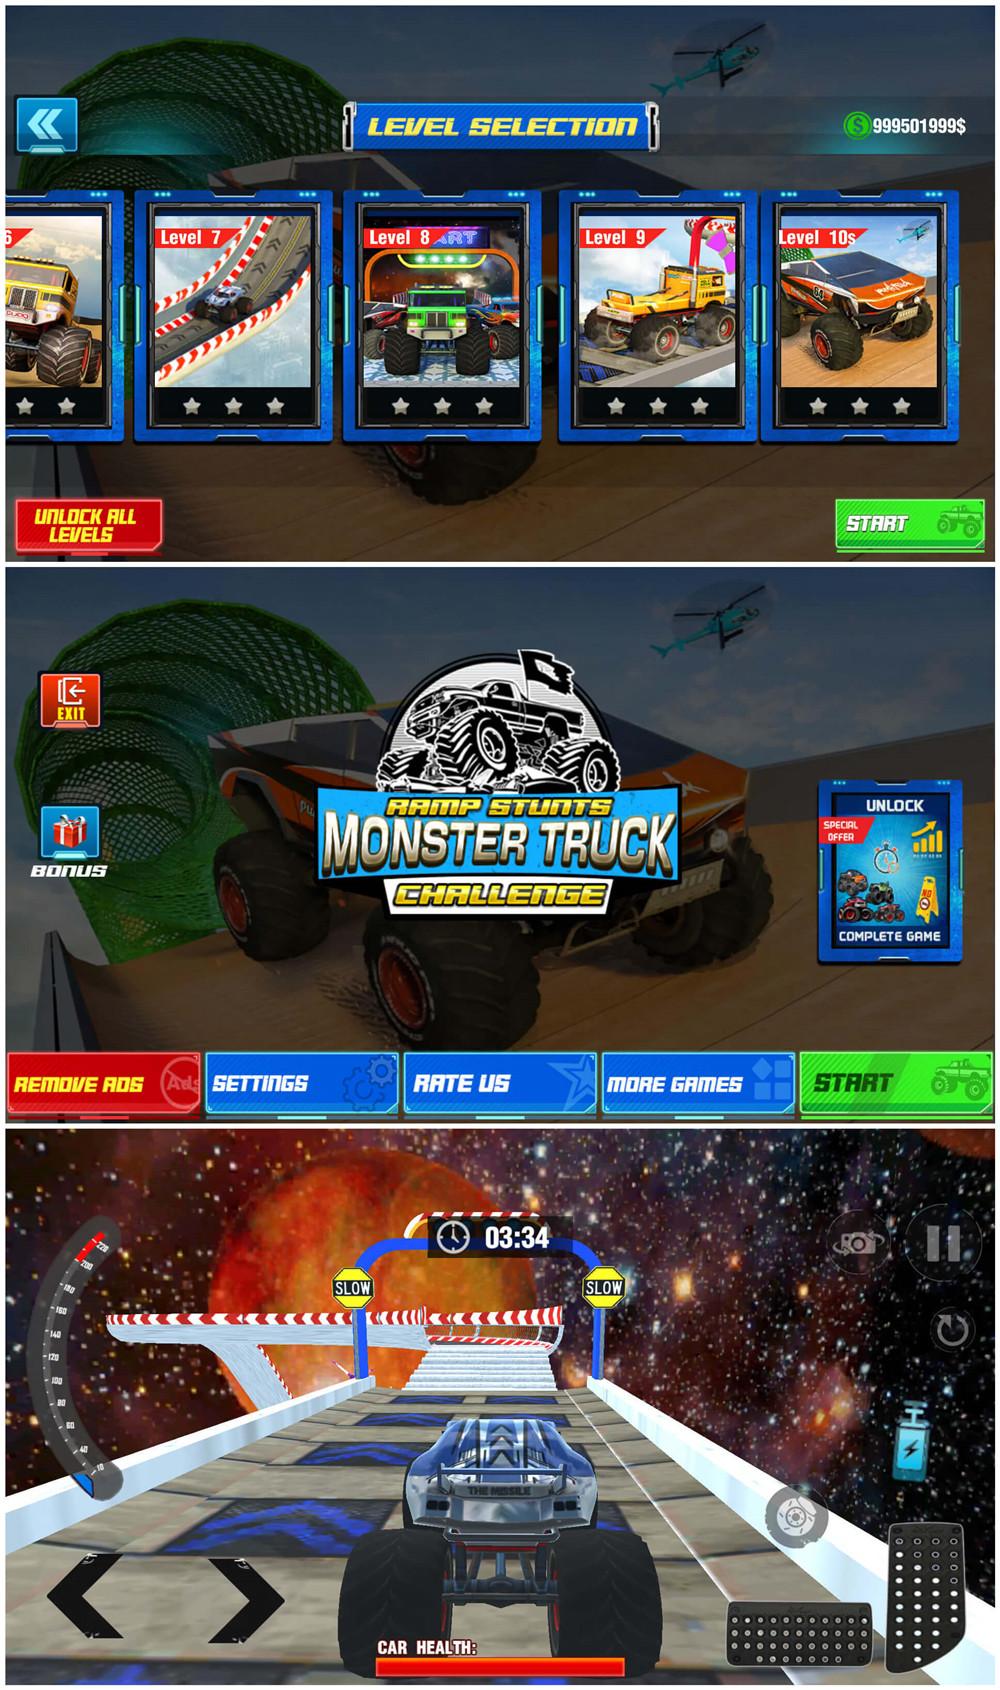 特技游戏 怪物卡车绿化版